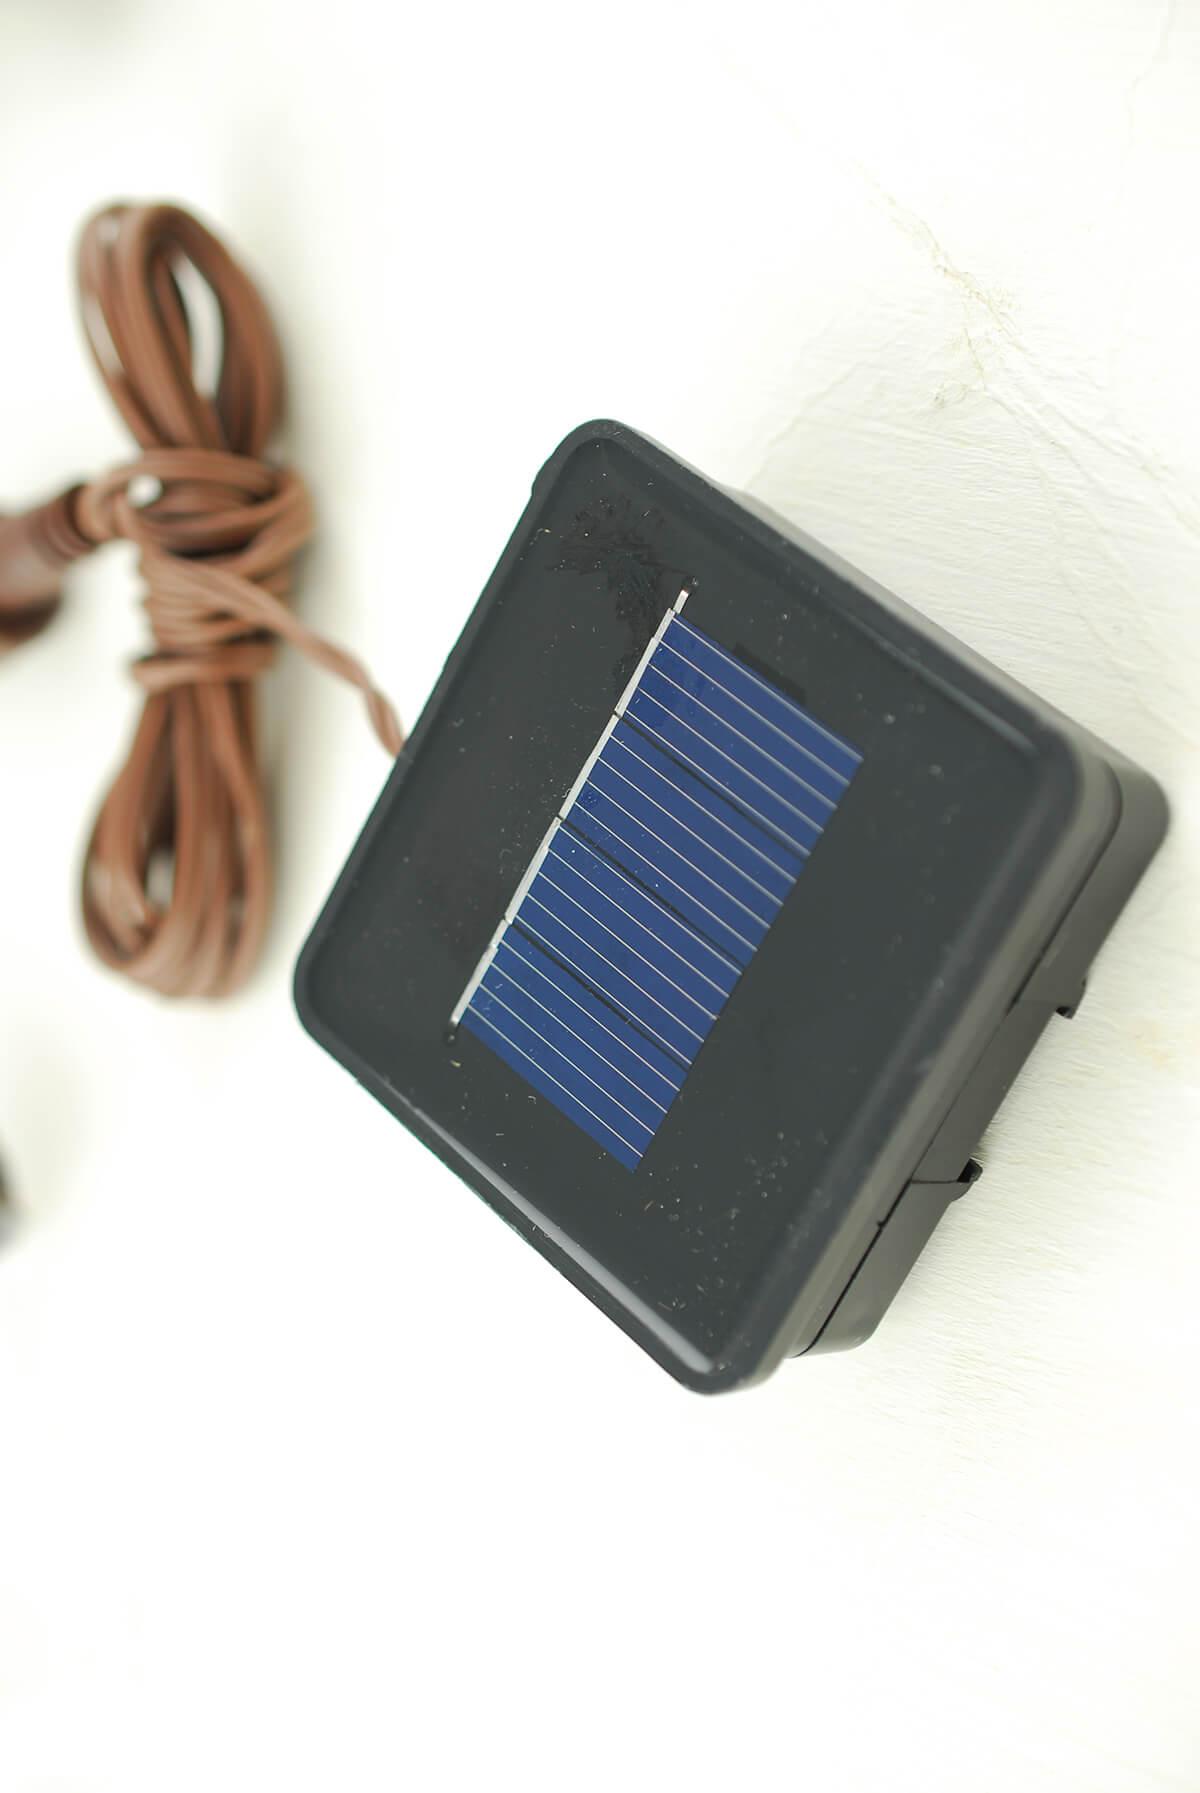 Solar Led String Lights Warm White : LED Solar String Lights Warm White 6ft - 10ct